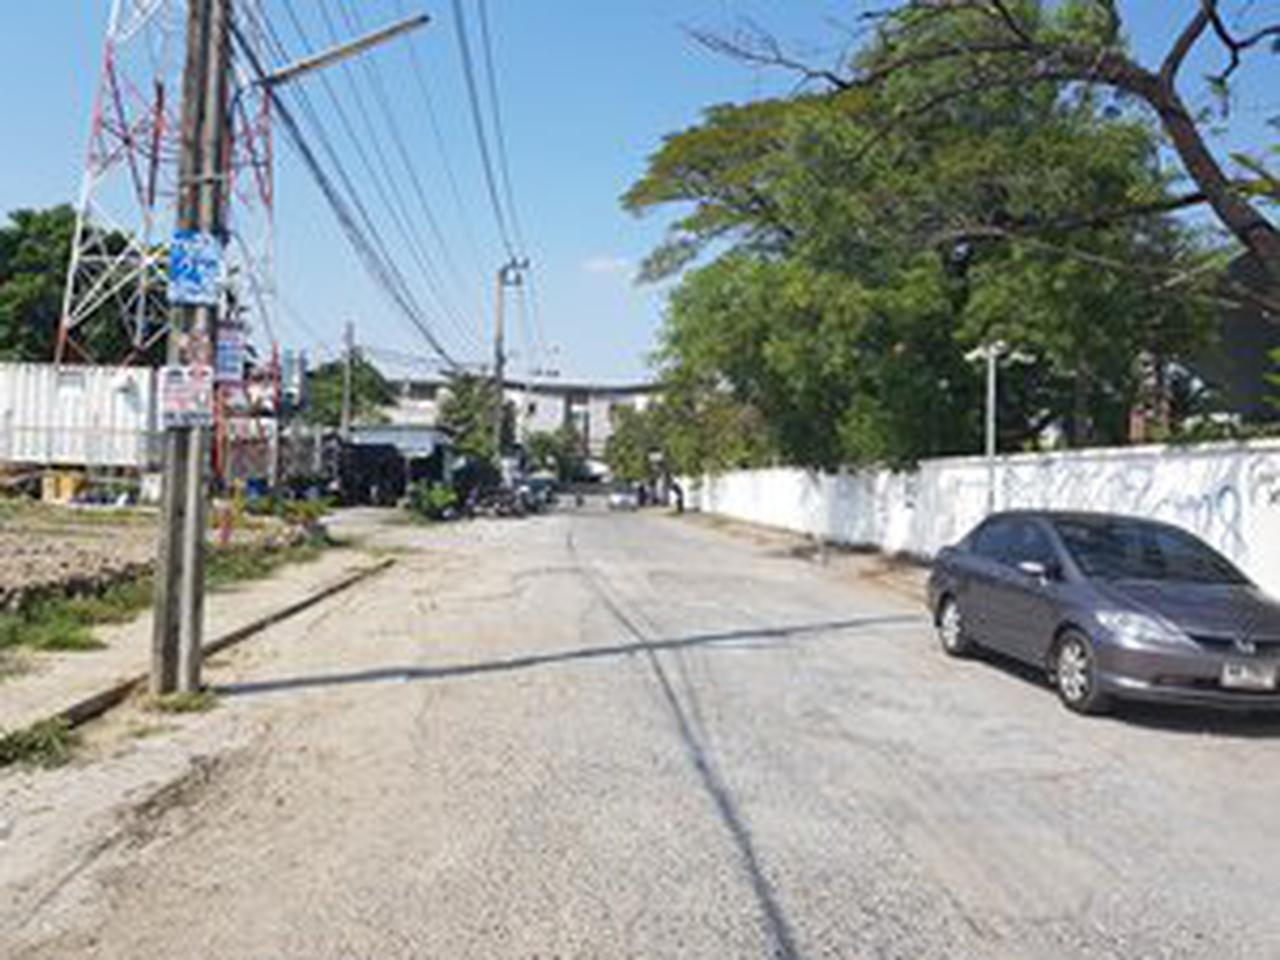 ที่ดินเปล่าถมแล้วให้เช่าในถนนนวมินทร์ กรุงเทพมหานคร รูปที่ 6